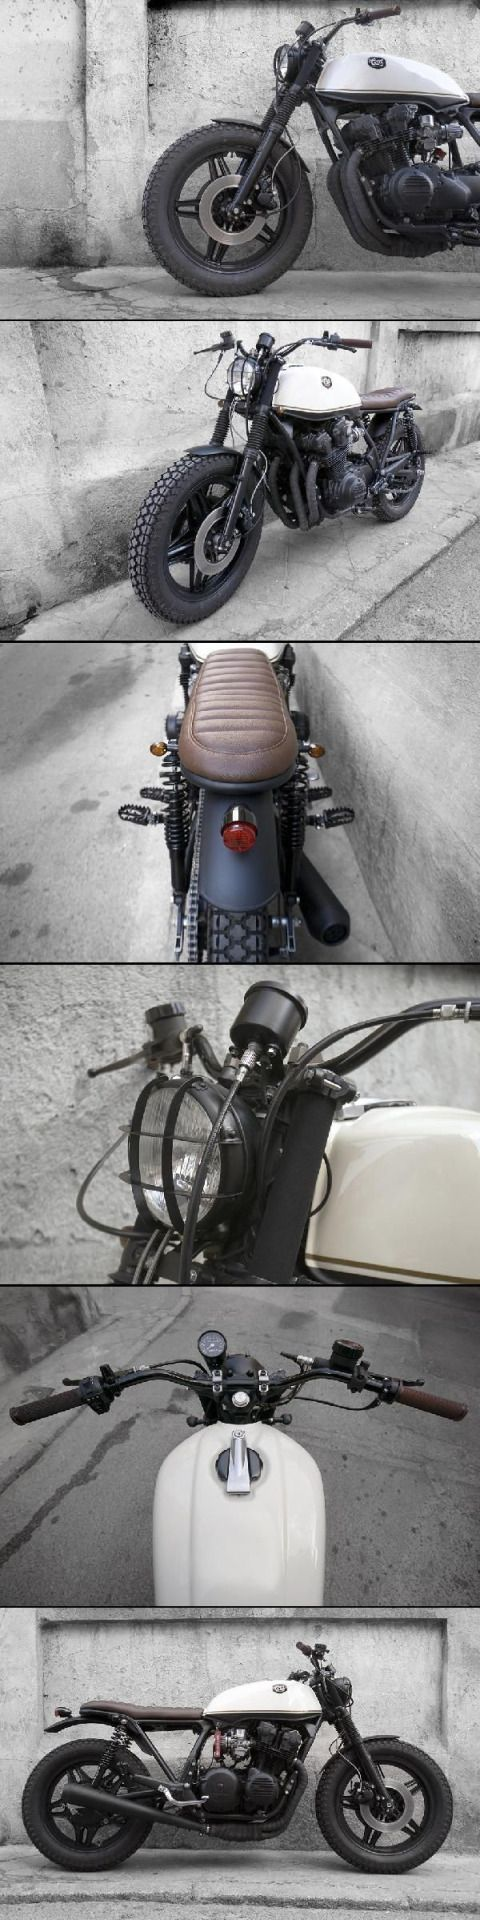 Honda Motorcycle Trust Me Im A Biker Please Like Page On Facebook Pg Trustmeiamabiker Follow